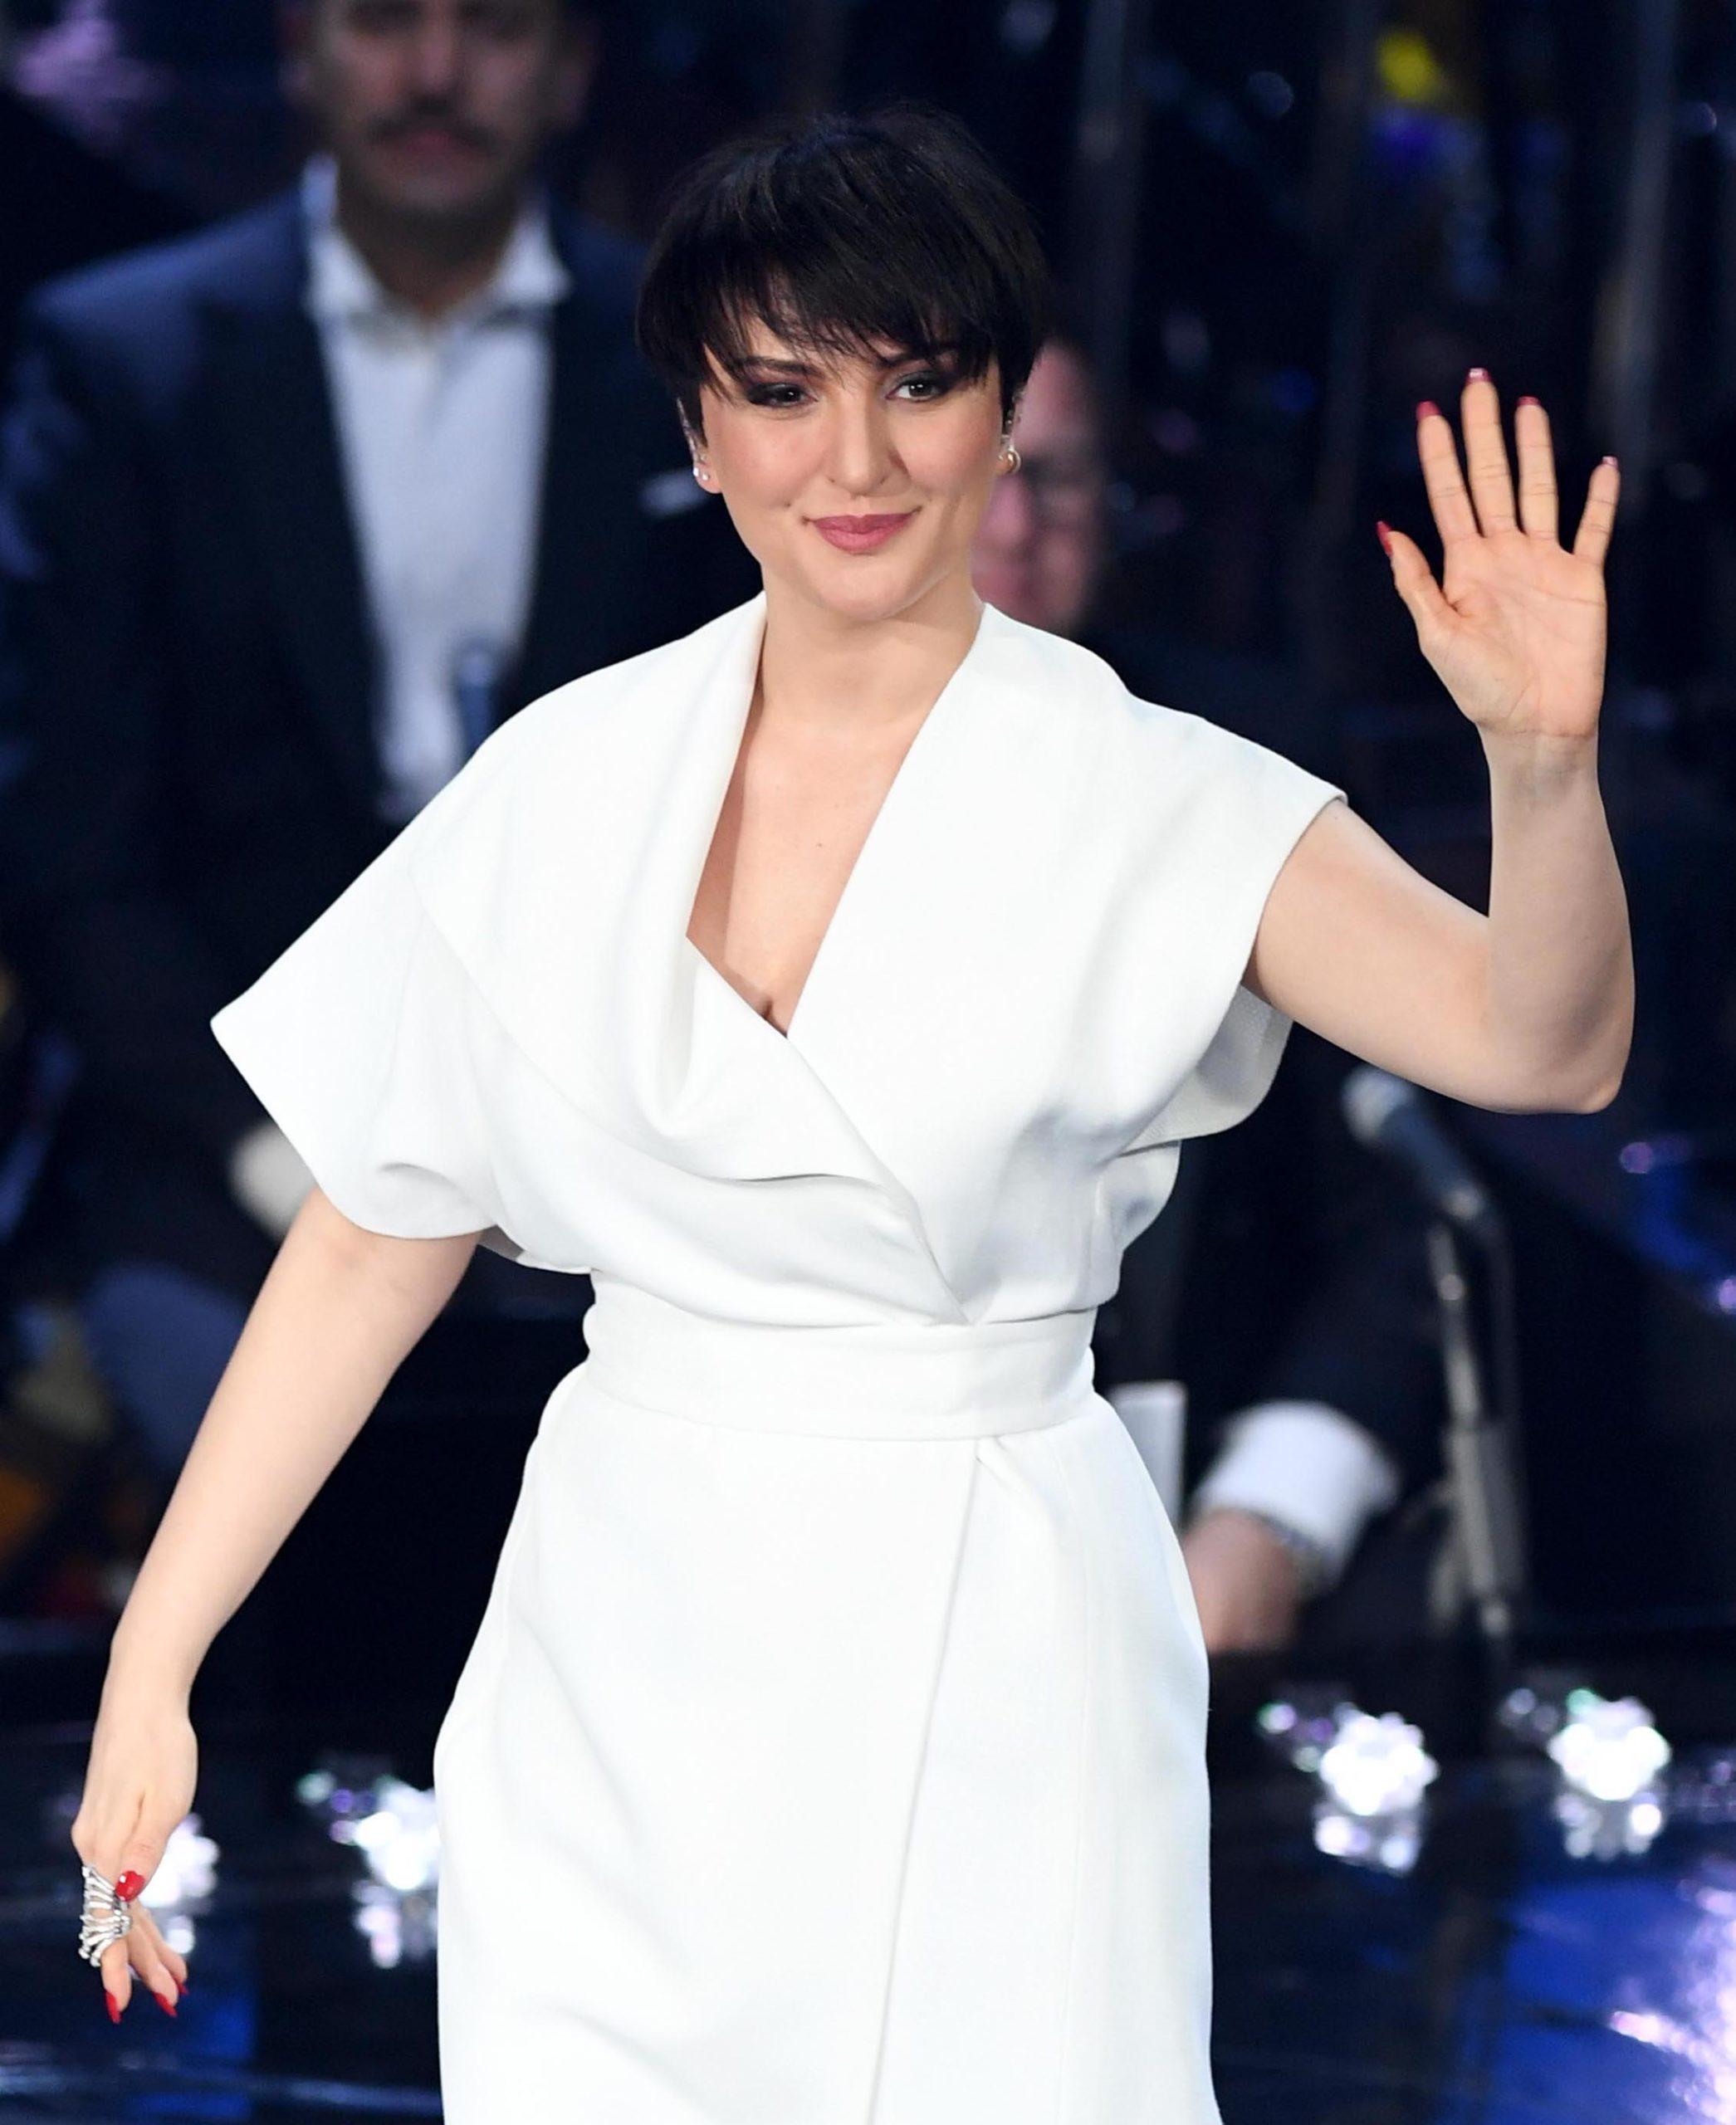 Il beauty look di Arisa durante la prima serata di Sanremo 2019